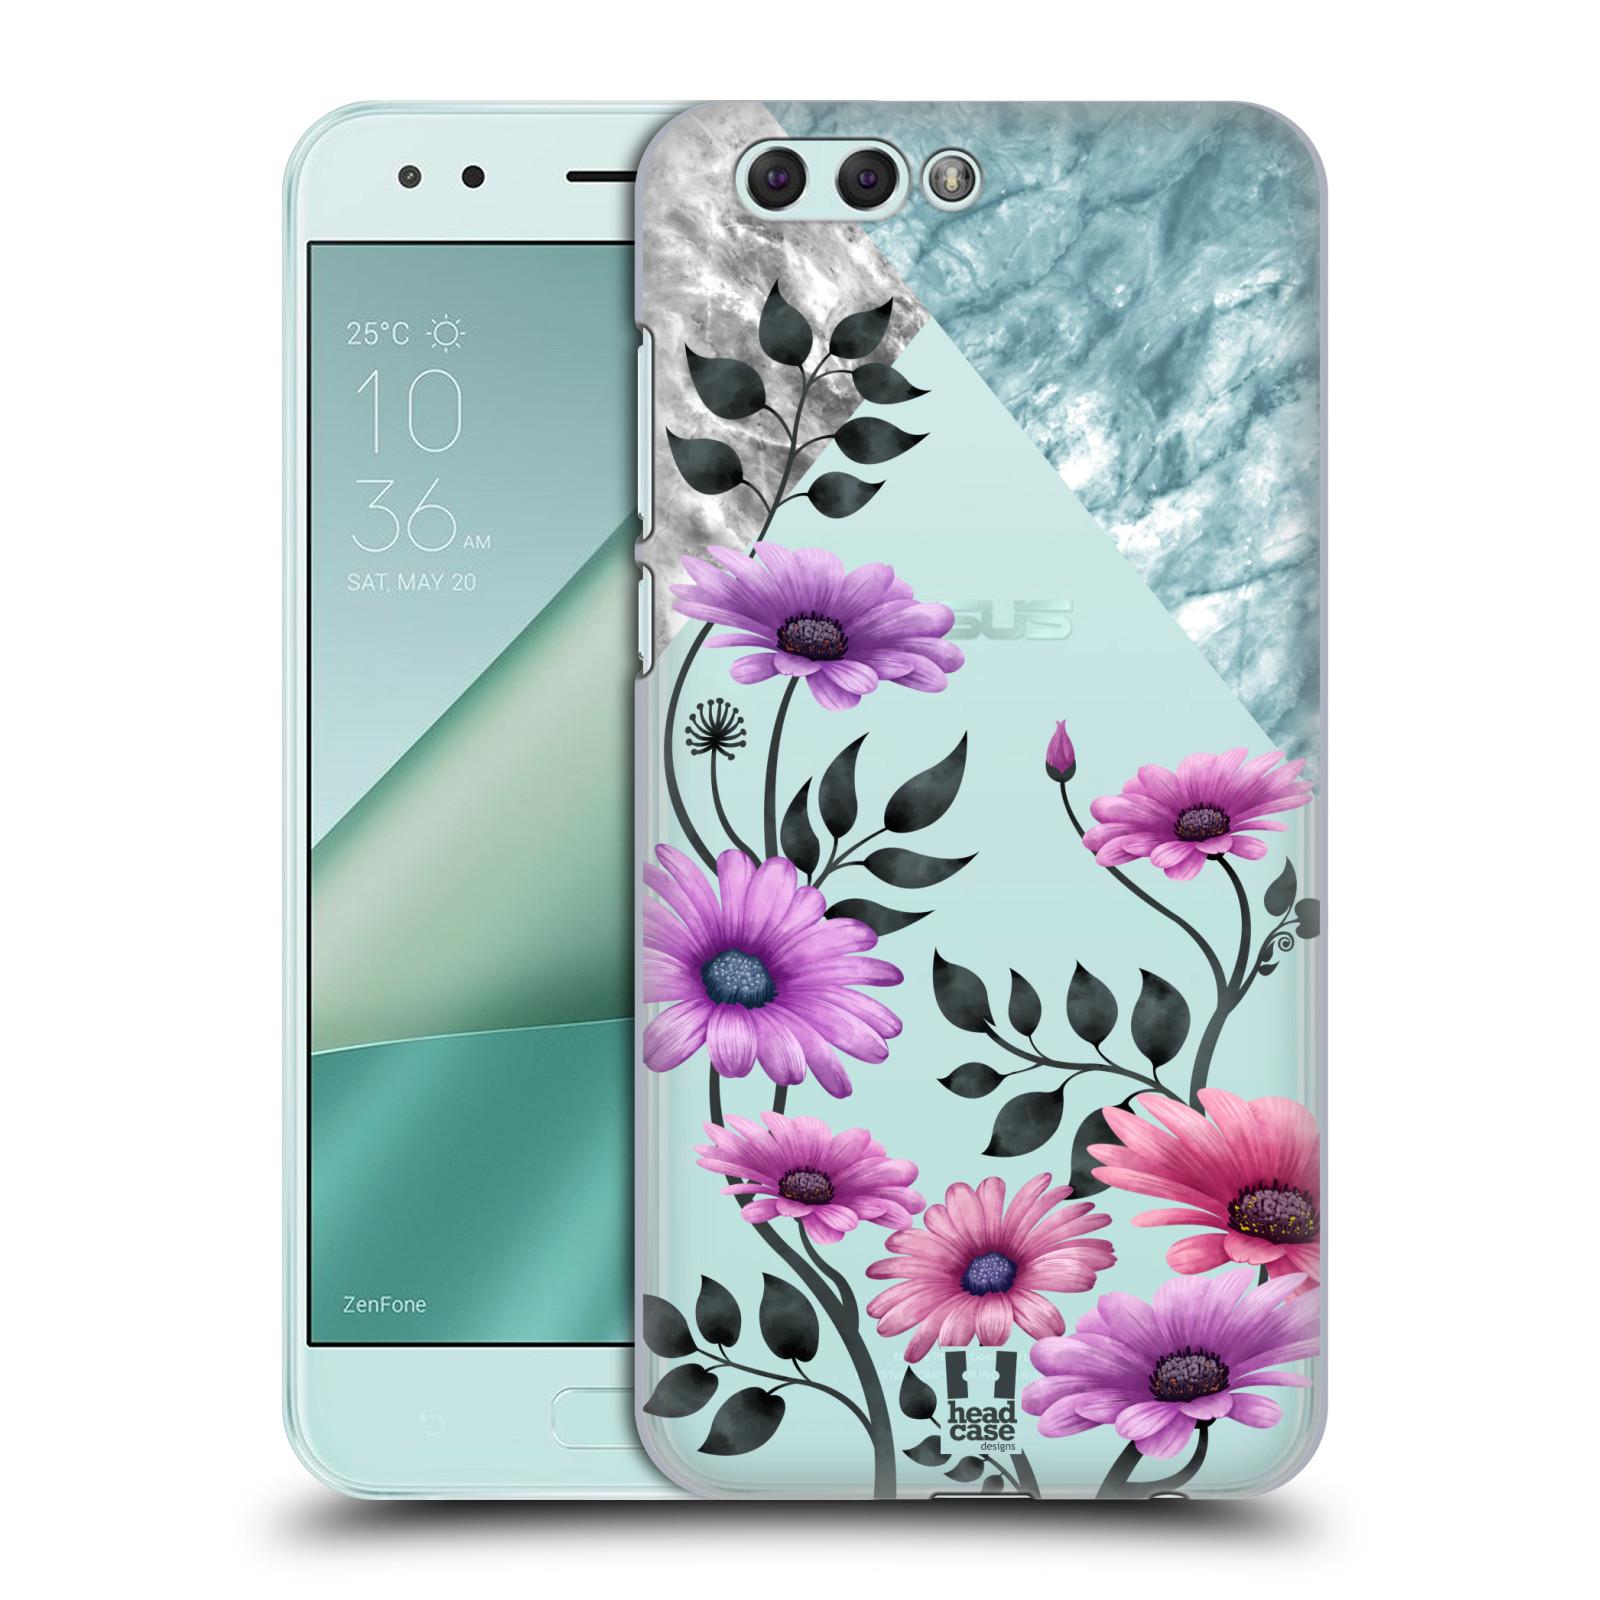 HEAD CASE plastový obal na mobil Asus Zenfone 4 ZE554KL květiny hvězdnice, Aster fialová a modrá